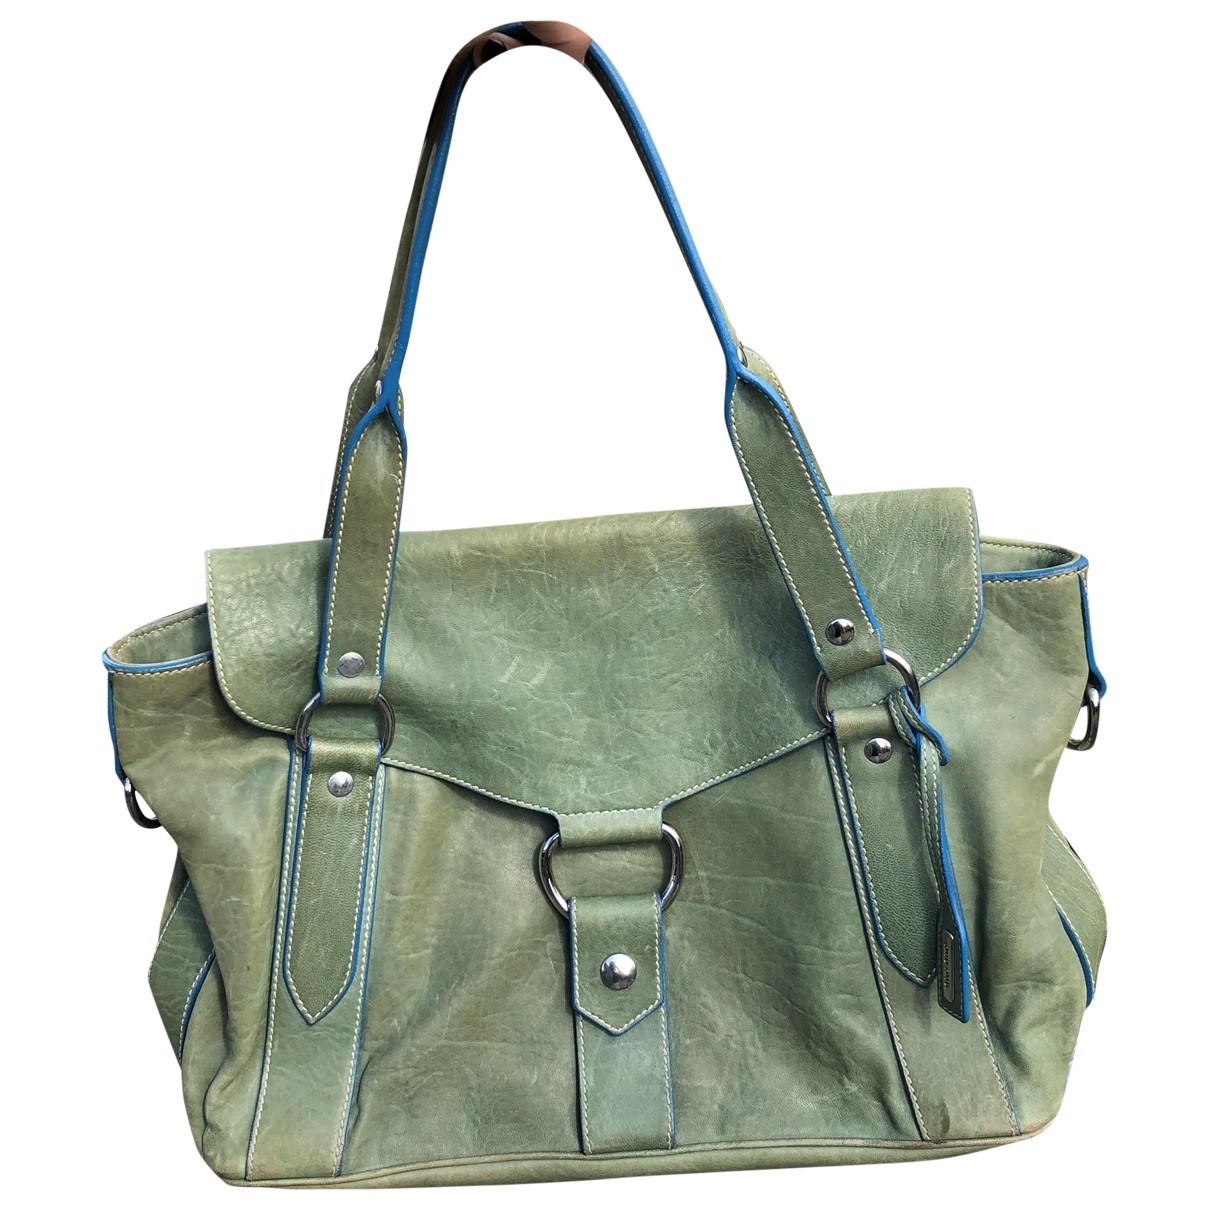 Miu Miu \N Handtasche in  Gruen Leder